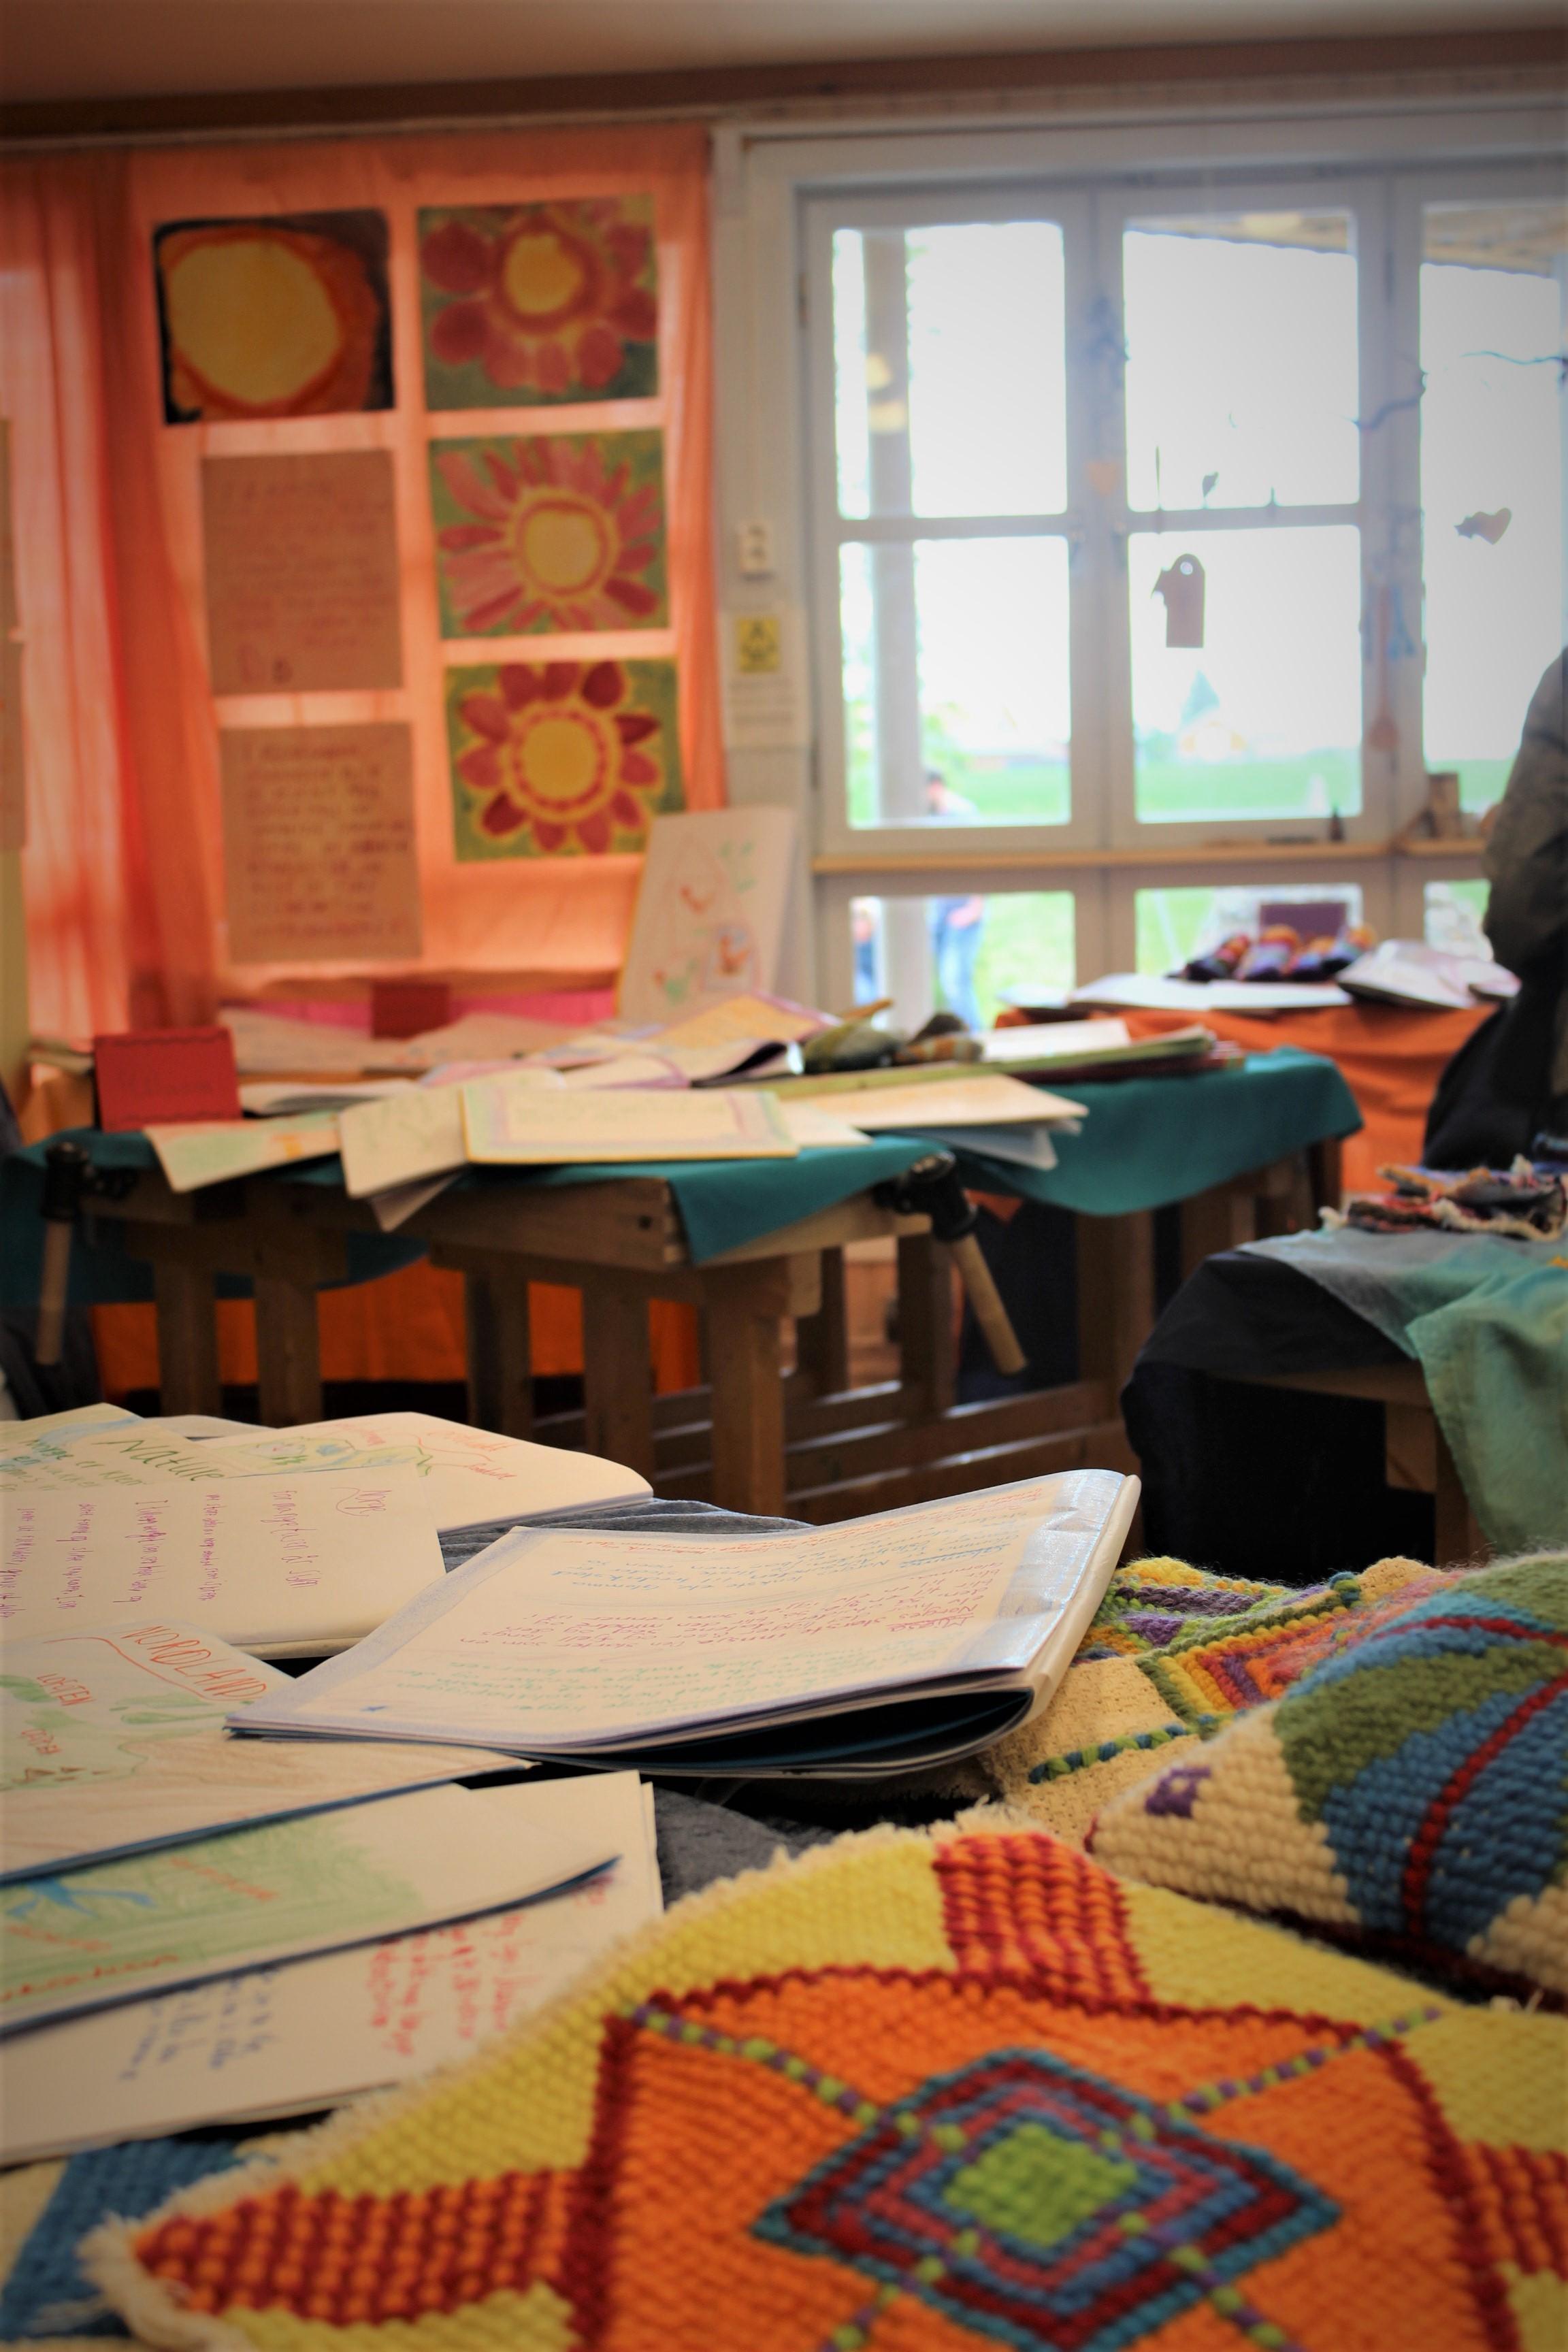 Elevustilling av elevarbeider fra vårmarkedet på Steinerskolen i Askim 2019